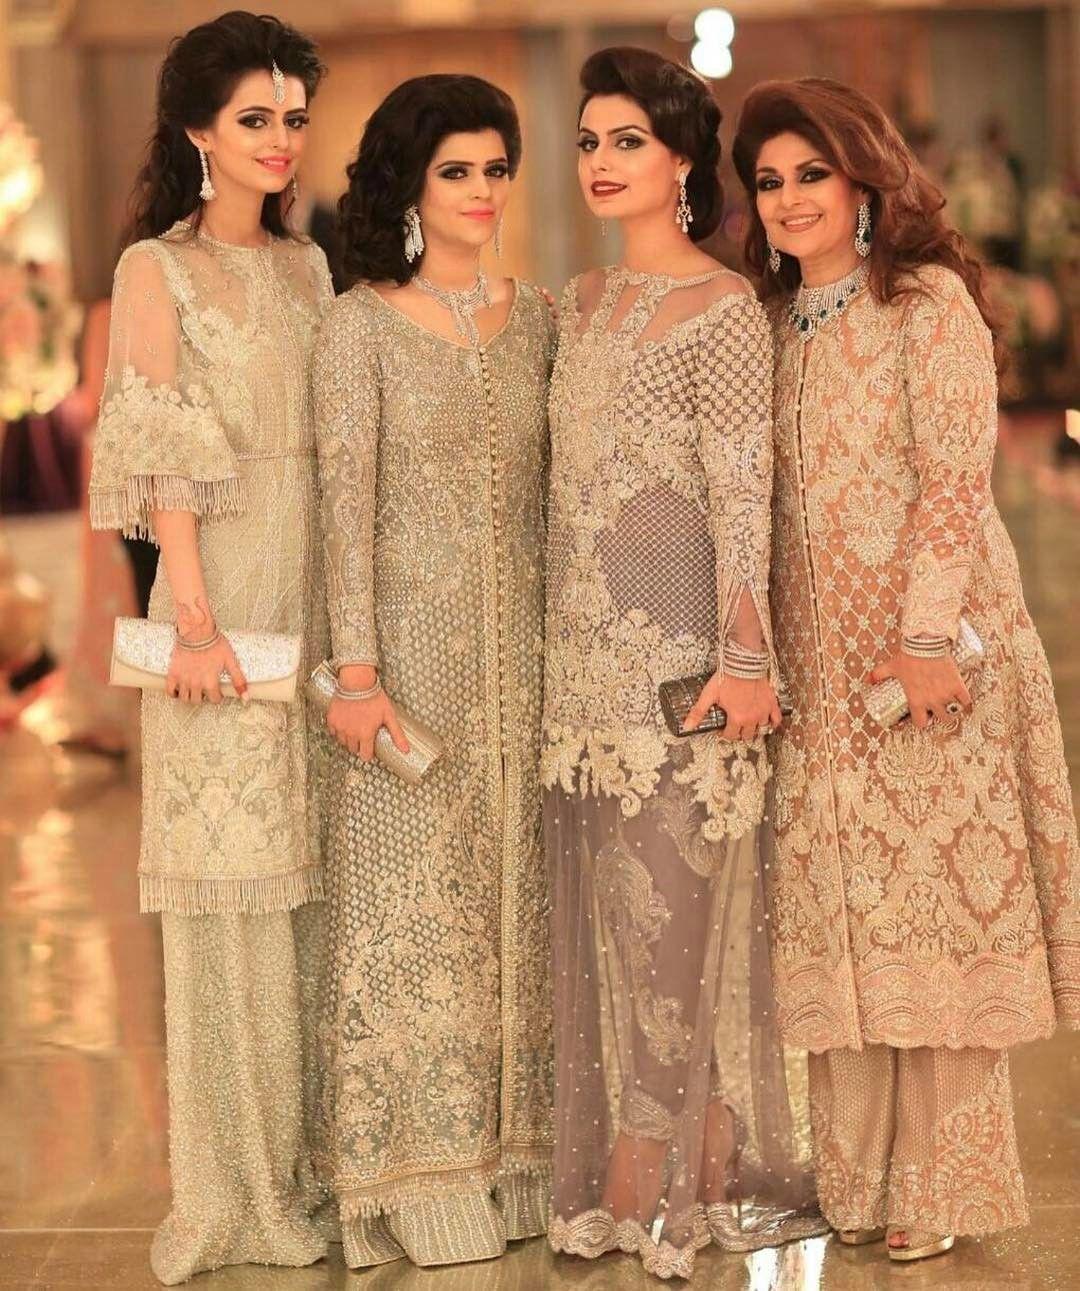 Pin von Aemon auf suits | Pinterest | Pakistanische kleider ...